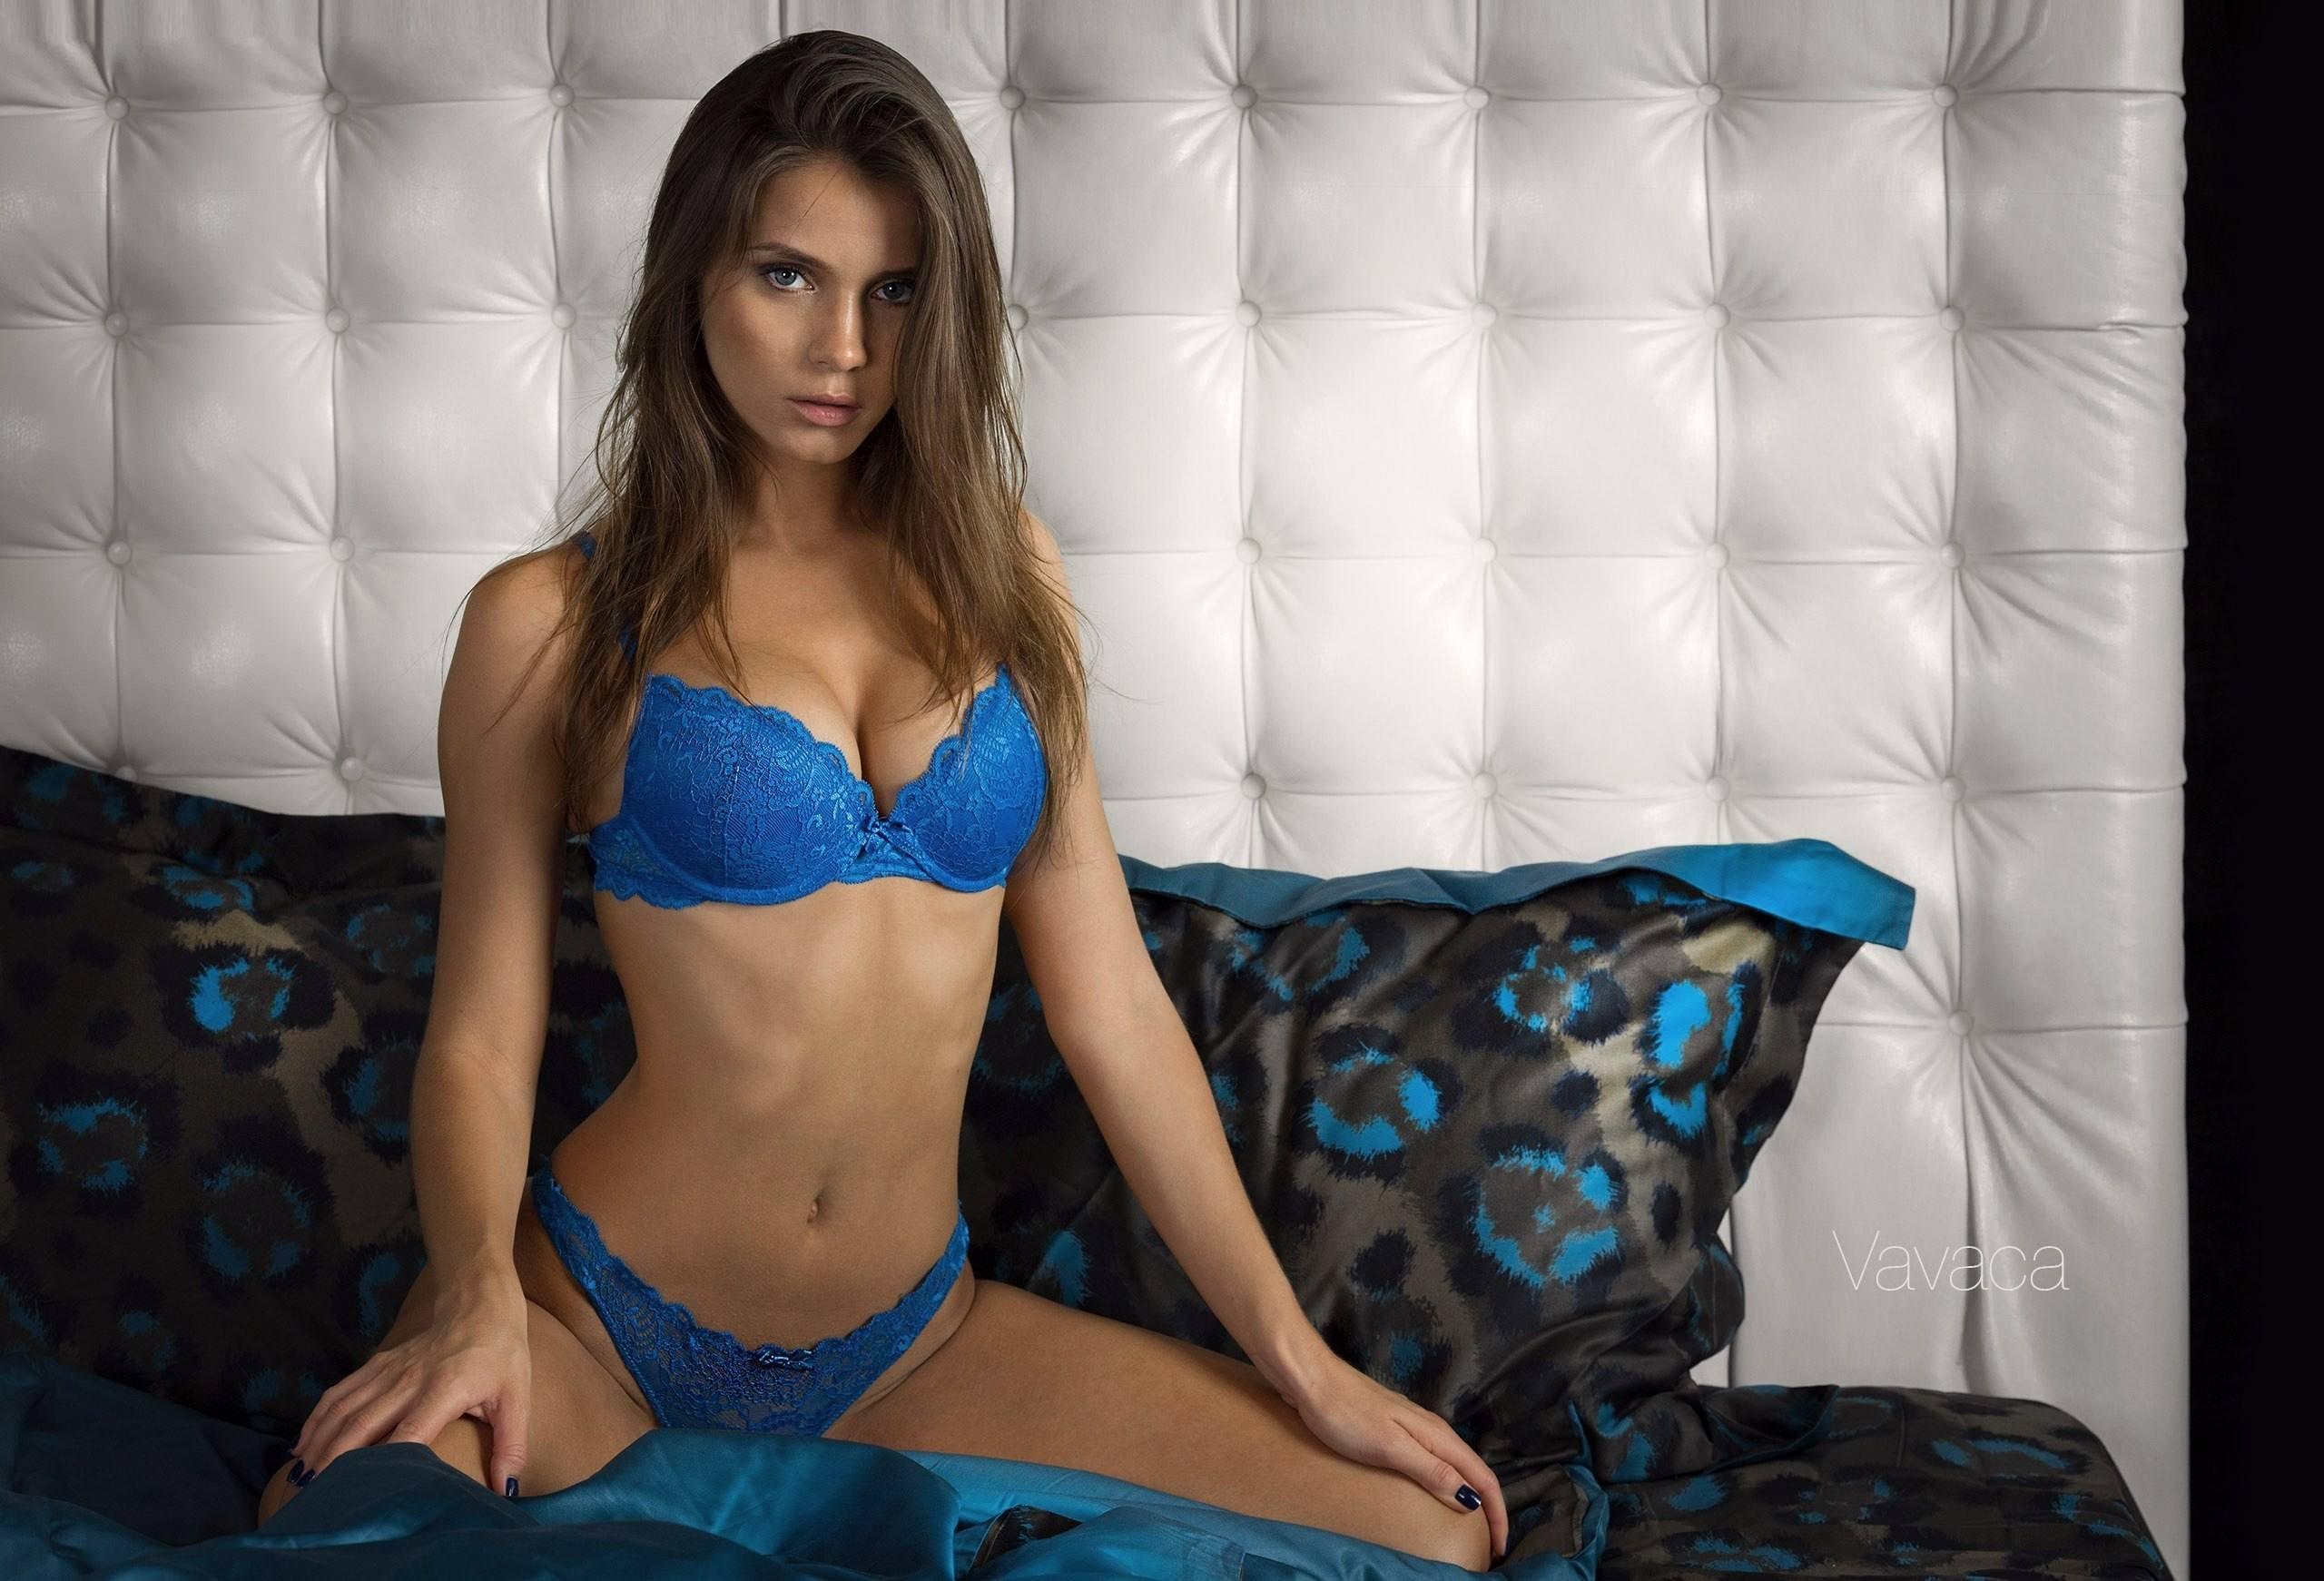 Фото Суровая брюнетка в синем лифчике, упругая грудь, отличная фигура, скачать картинку бесплатно